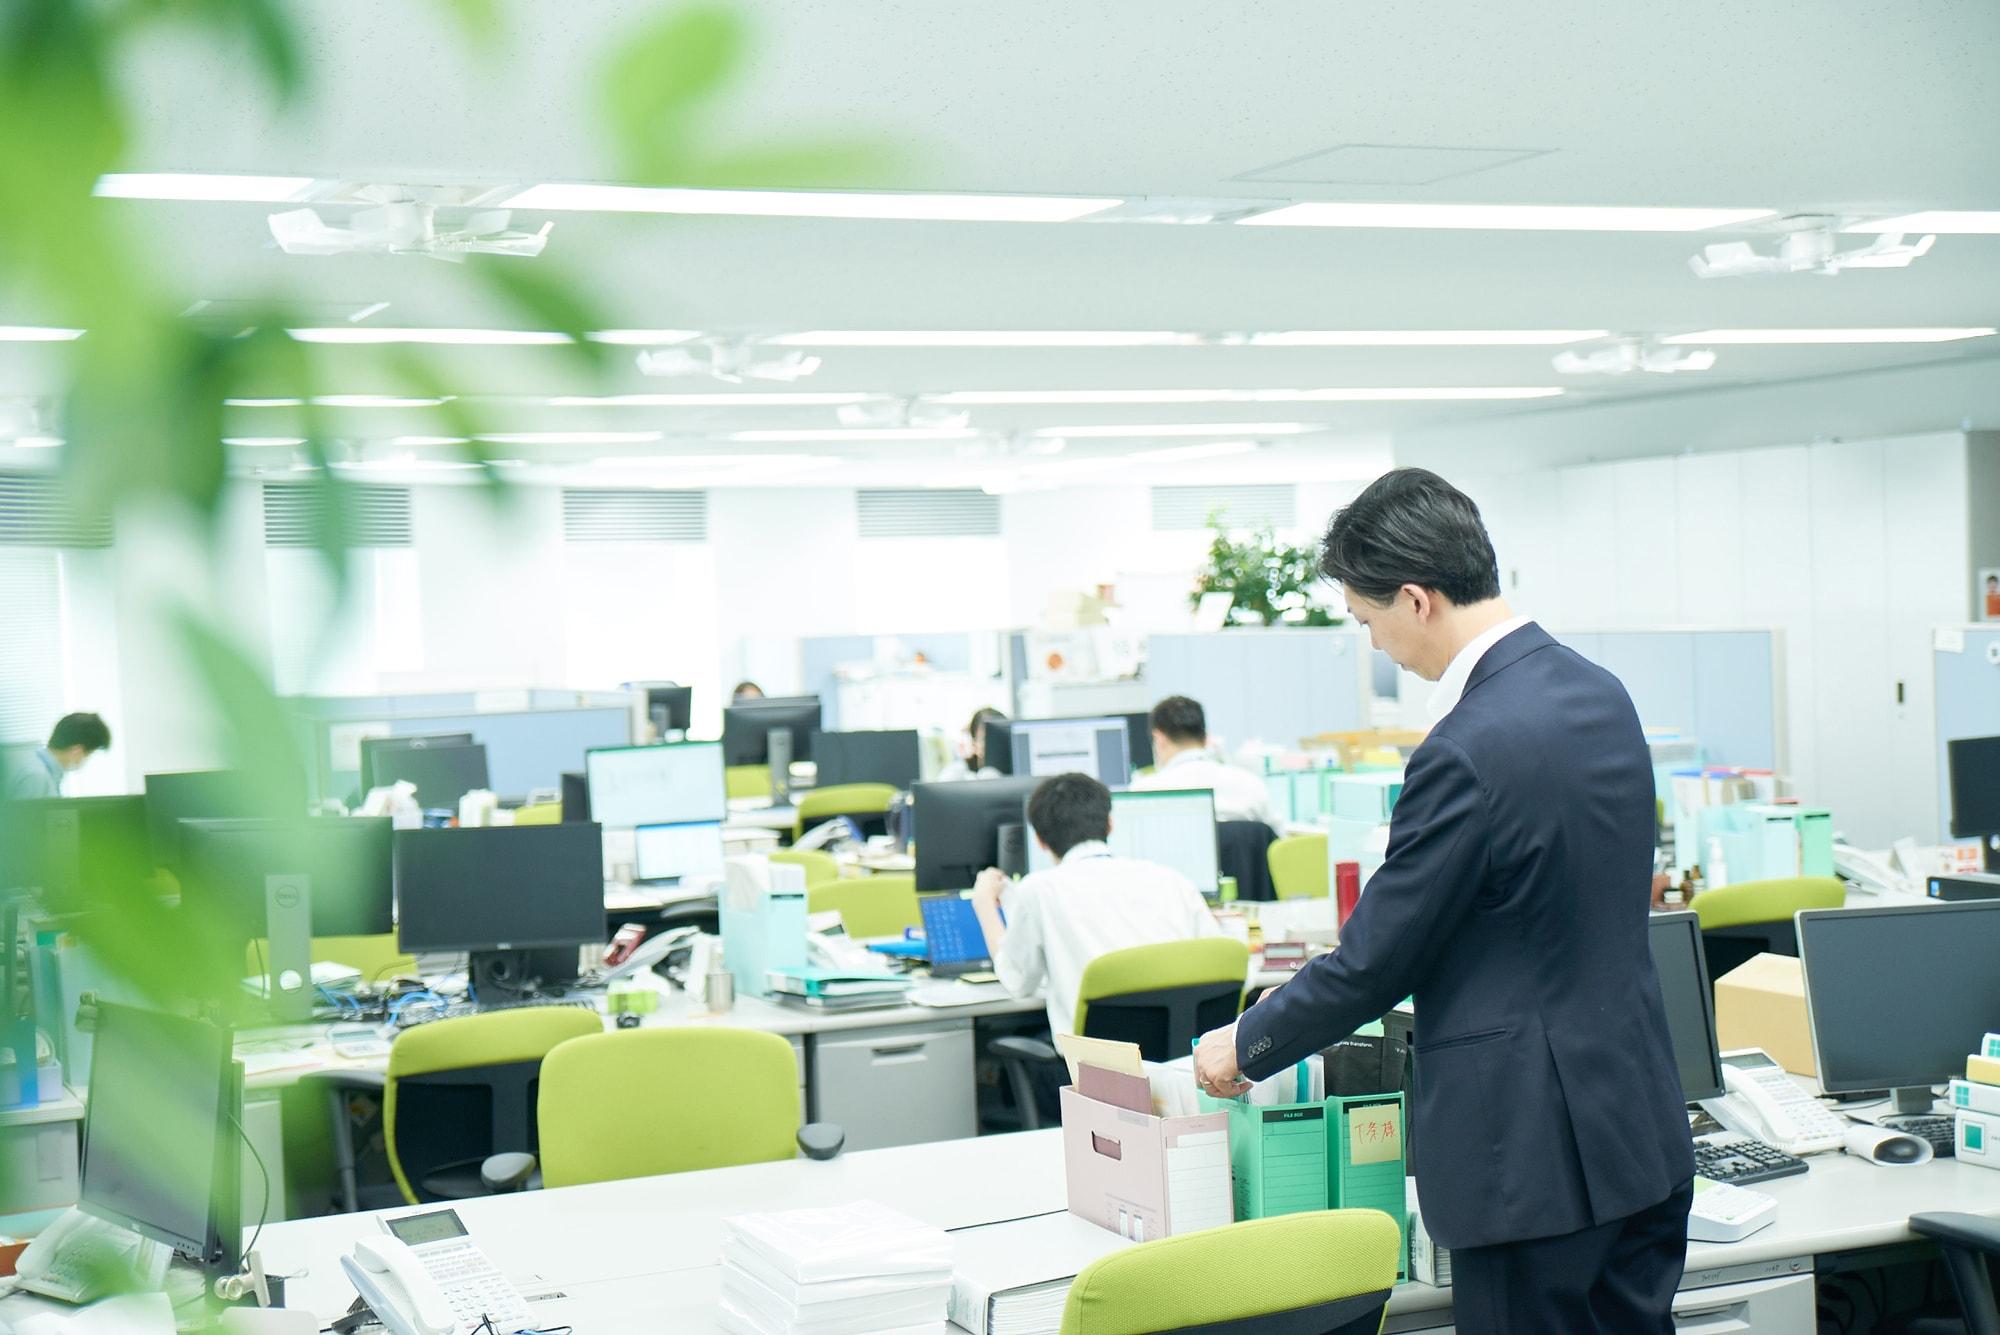 赤坂事務所のオフィスフロア。2階、3階、6階までほぼおなじレイアウトです。